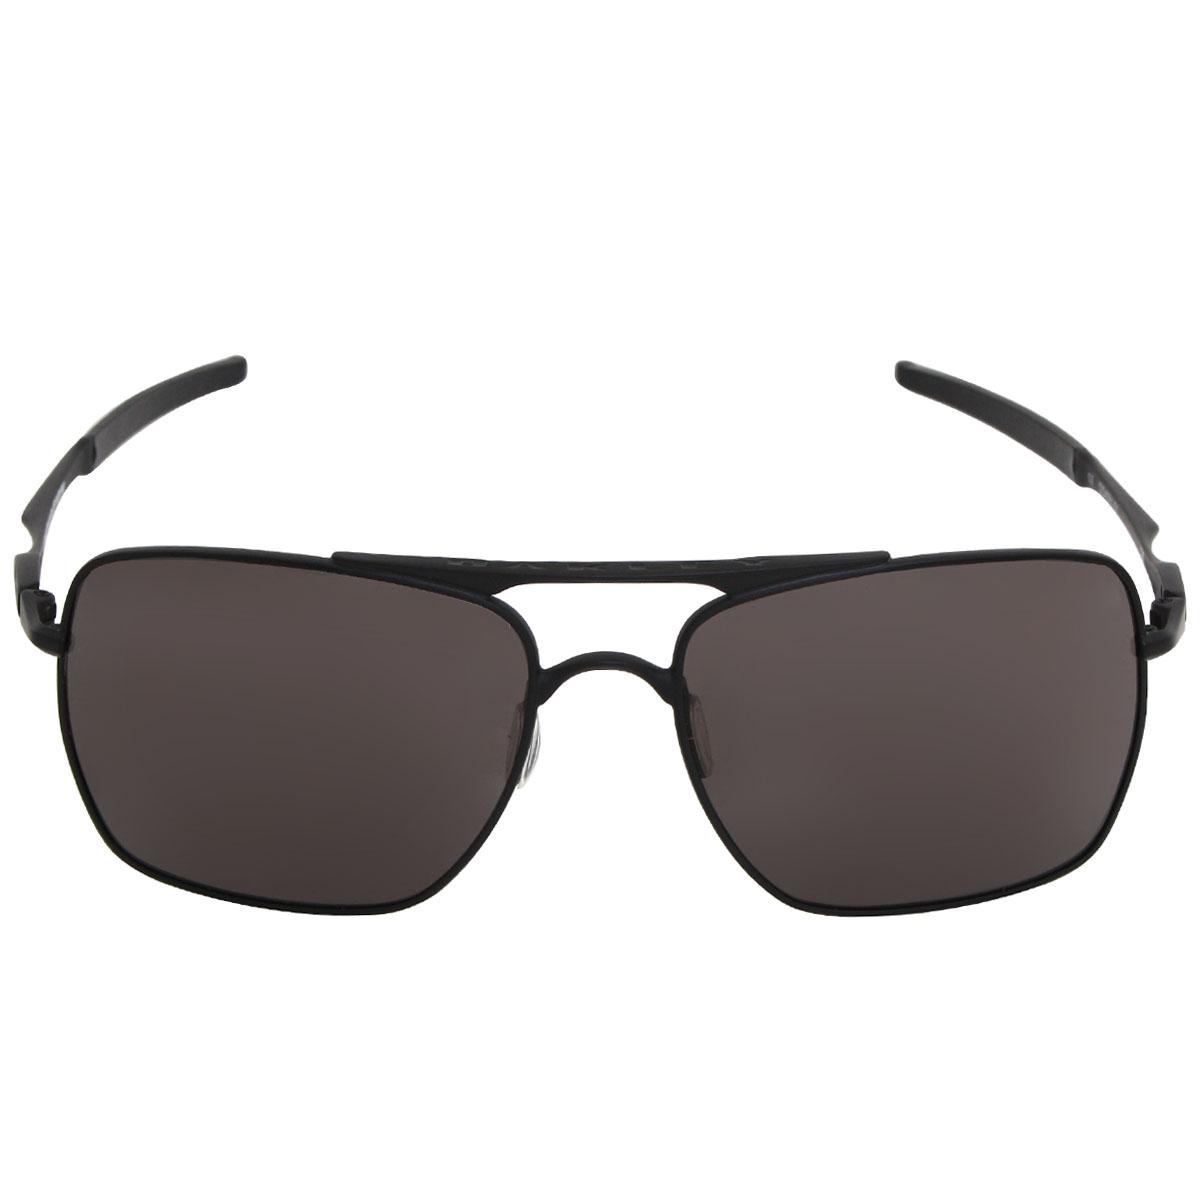 3fdc6df0b34c1 Oculos Oakley Deviation